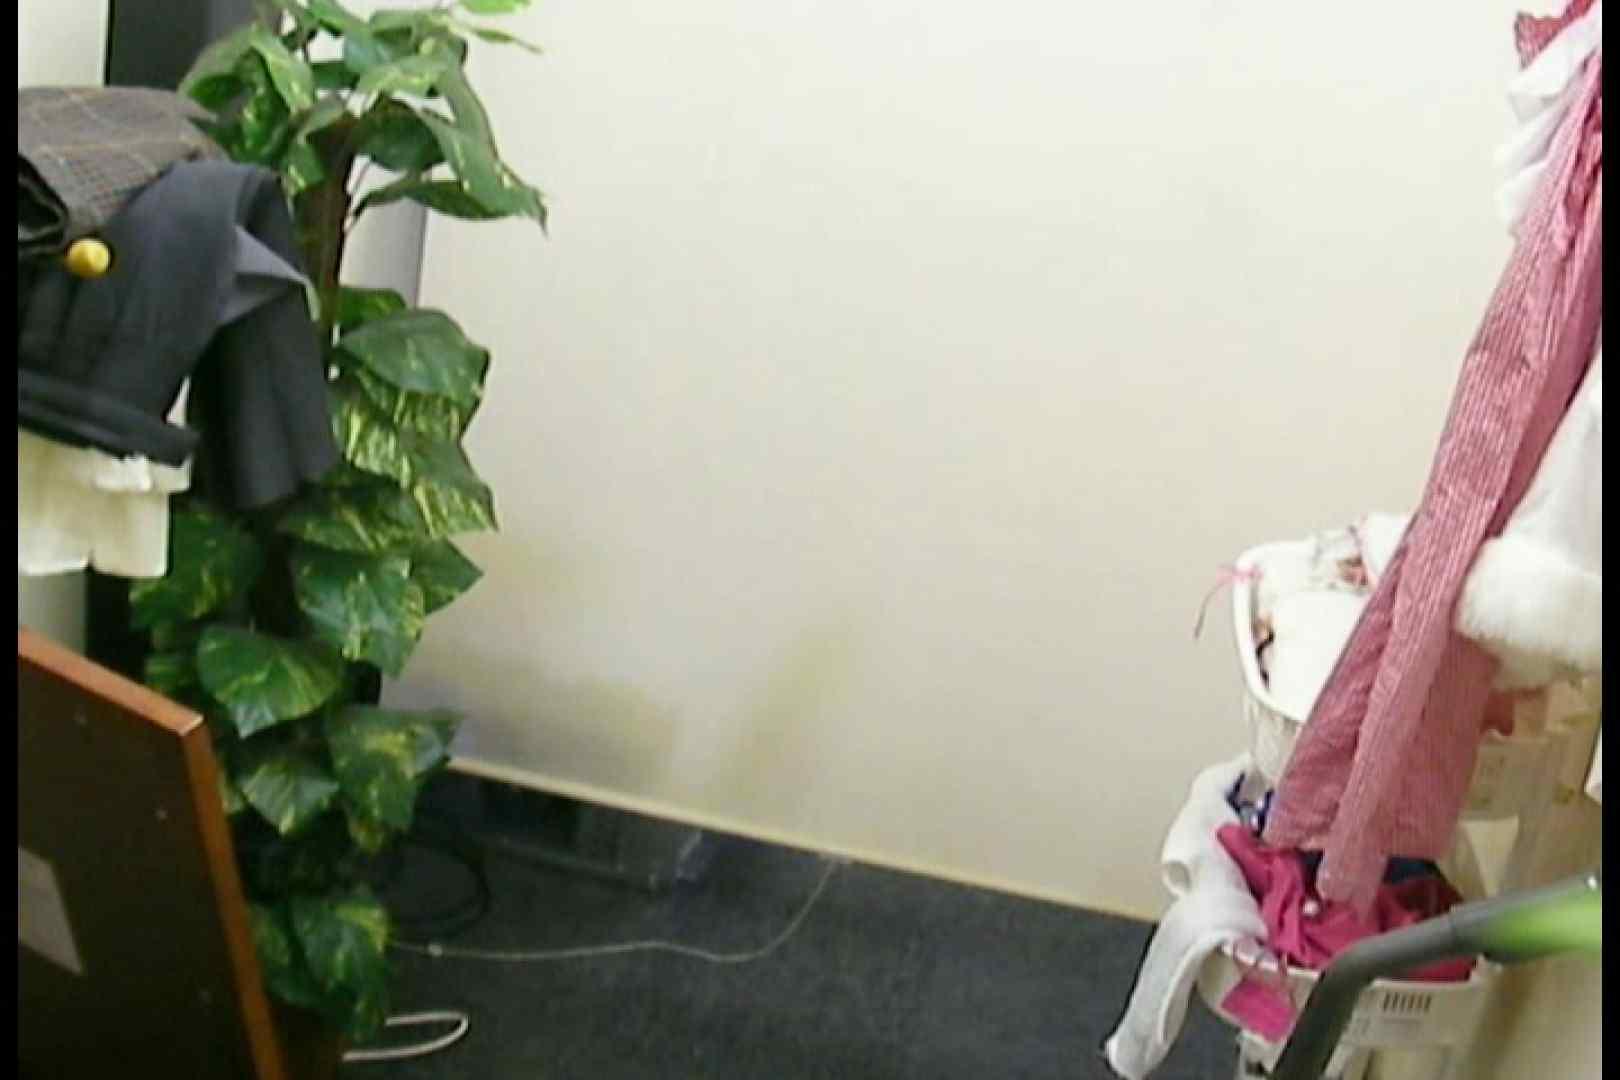 素人撮影 下着だけの撮影のはずが・・・仮名ゆき22歳 隠撮 女性器鑑賞 73pic 62